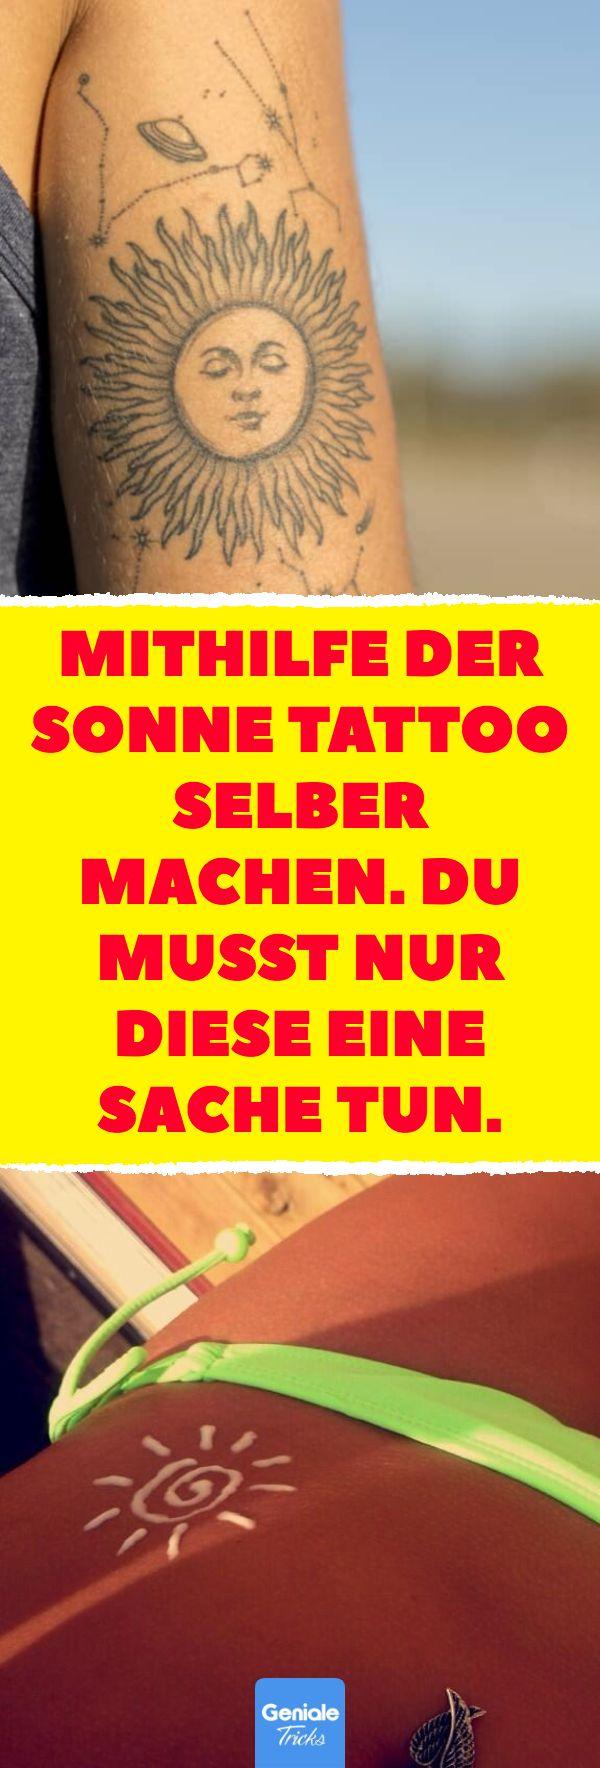 Mithilfe der Sonne Tattoo selber machen. Du musst nur diese eine Sache tun. Tät...